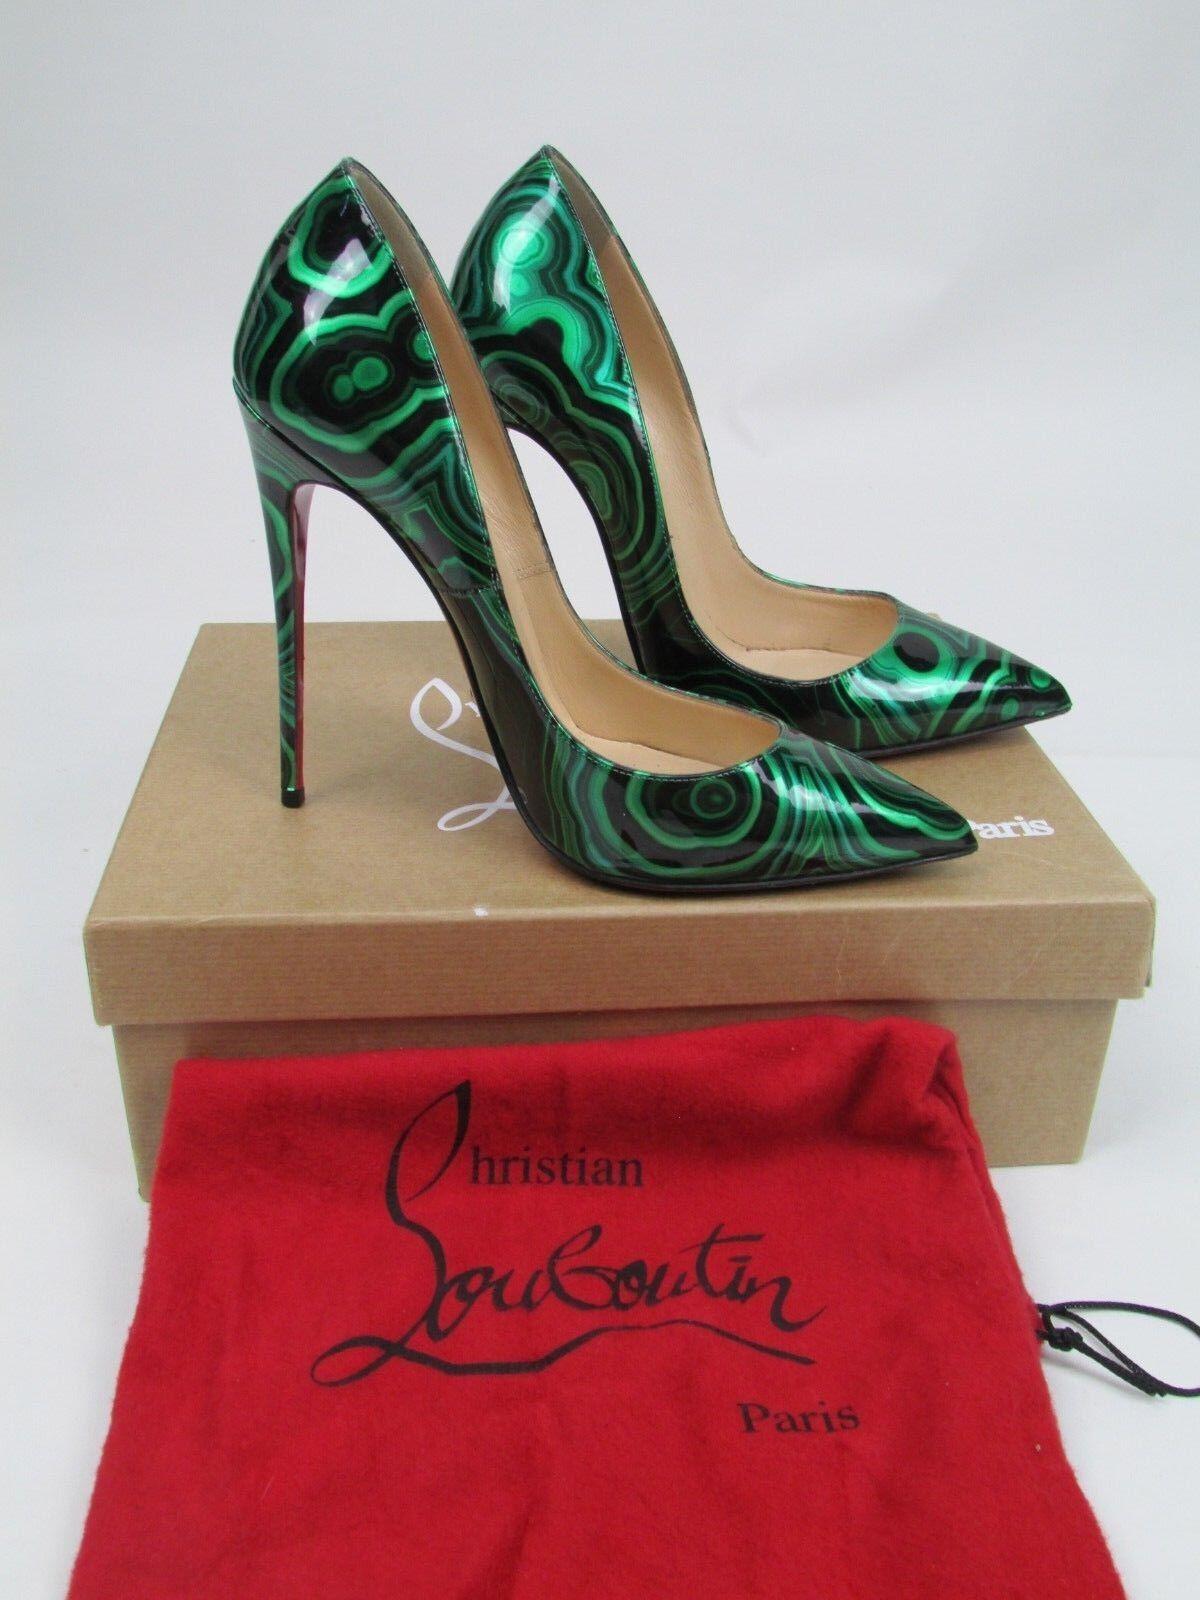 Christian Louboutin così Kate Malachite Malachite Malachite Verde Smeraldo Scarpe con tacco in vernice nera misura 39 e3f9b6